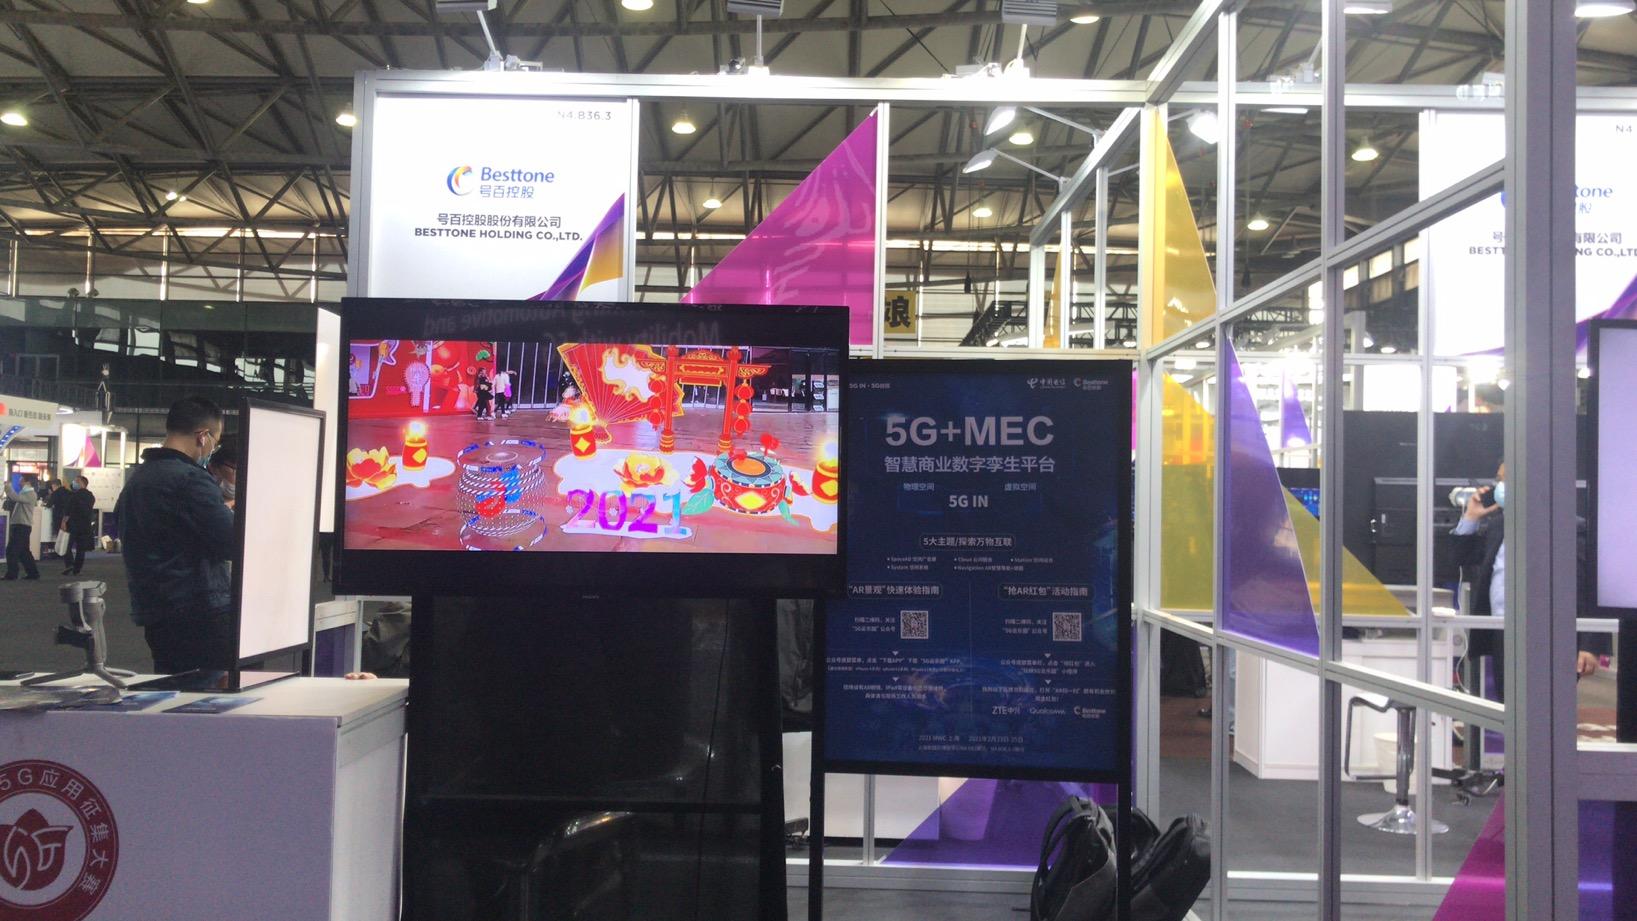 MWC2021丨号百控股展示5G+MEC智慧商业数字孪生平台